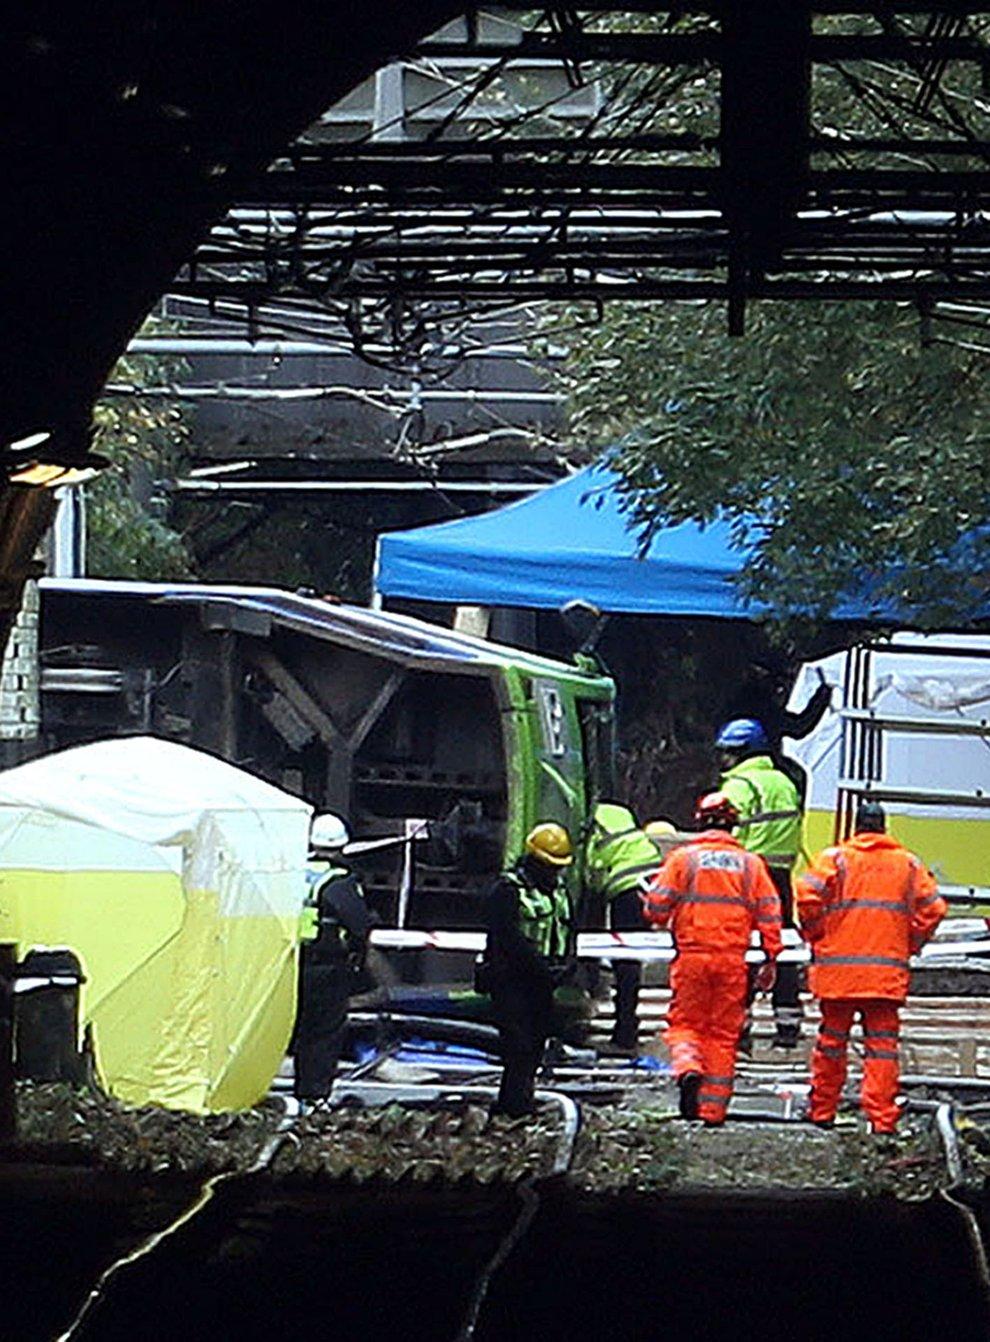 Investigation work after the Croydon tram crash (Steve Parsons/PA)